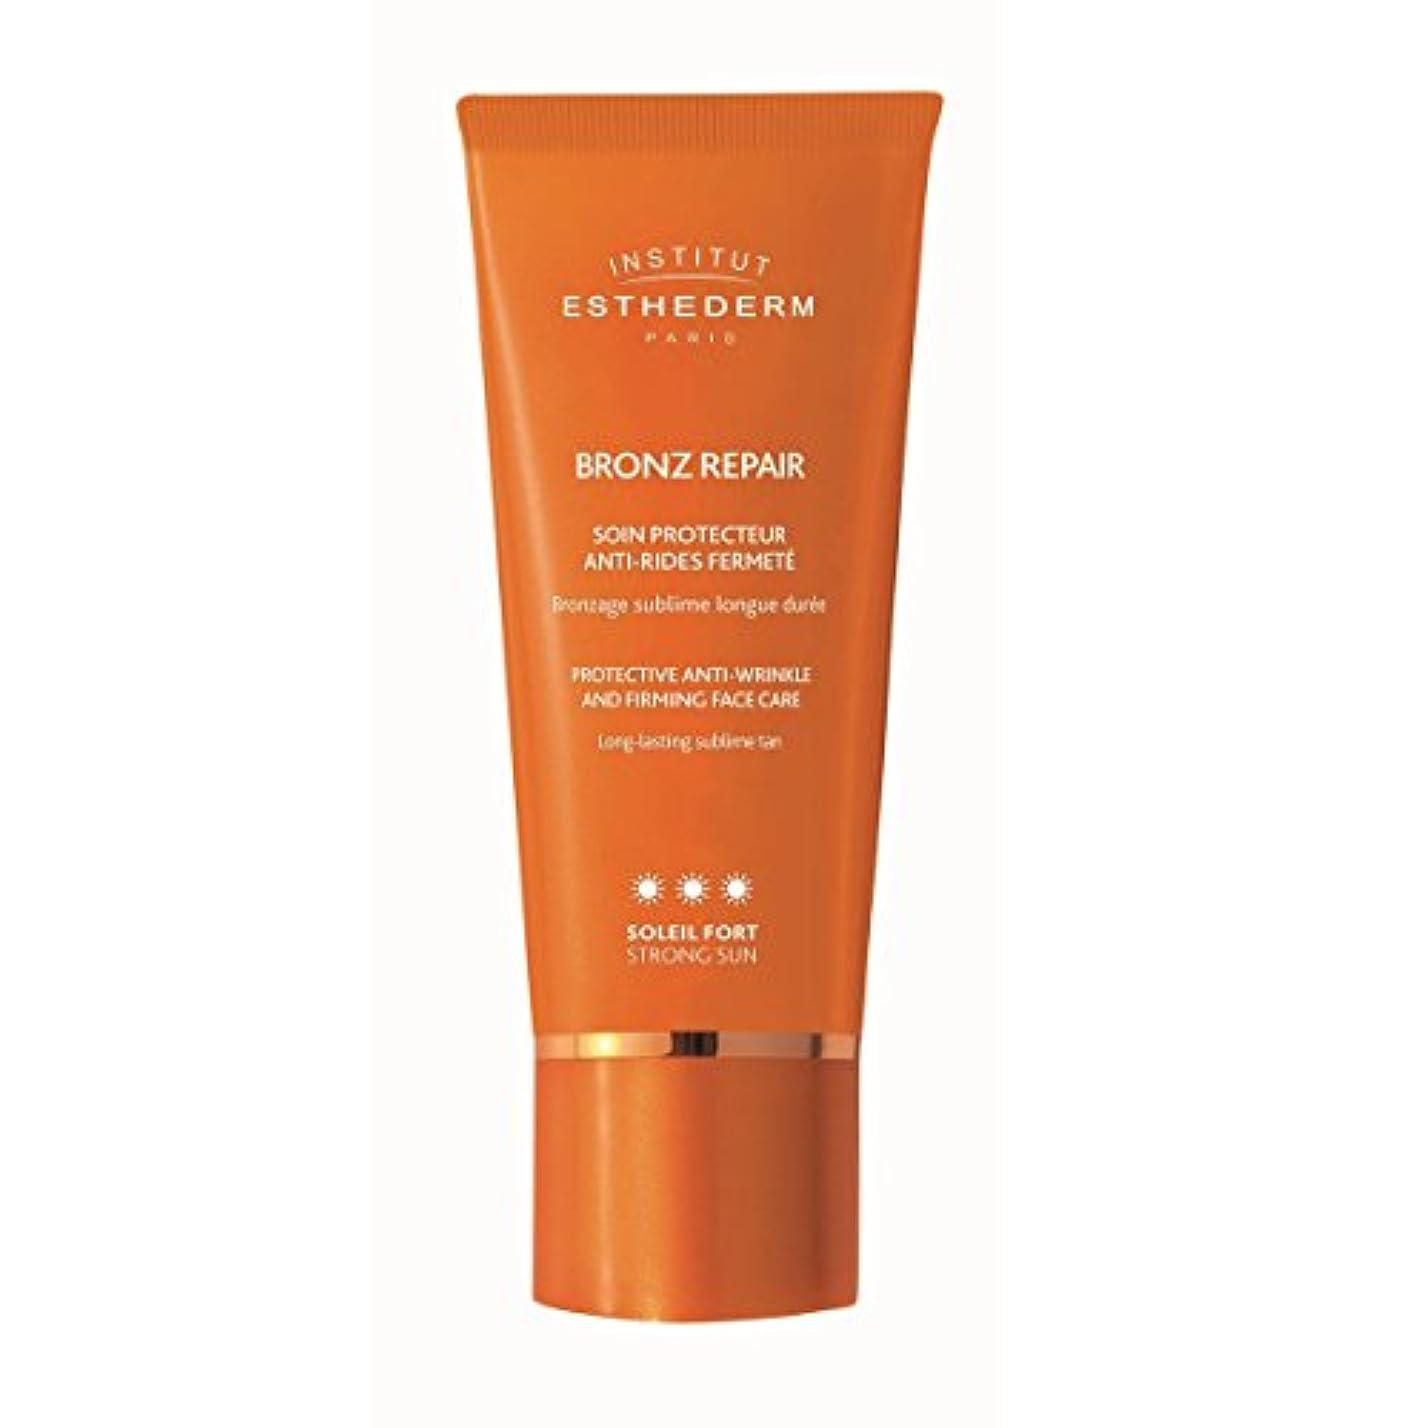 ジョガータクシー事前Institut Esthederm Bronz Repair Protective Anti-wrinkle And Firming Face Care Strong Sun 50ml [並行輸入品]